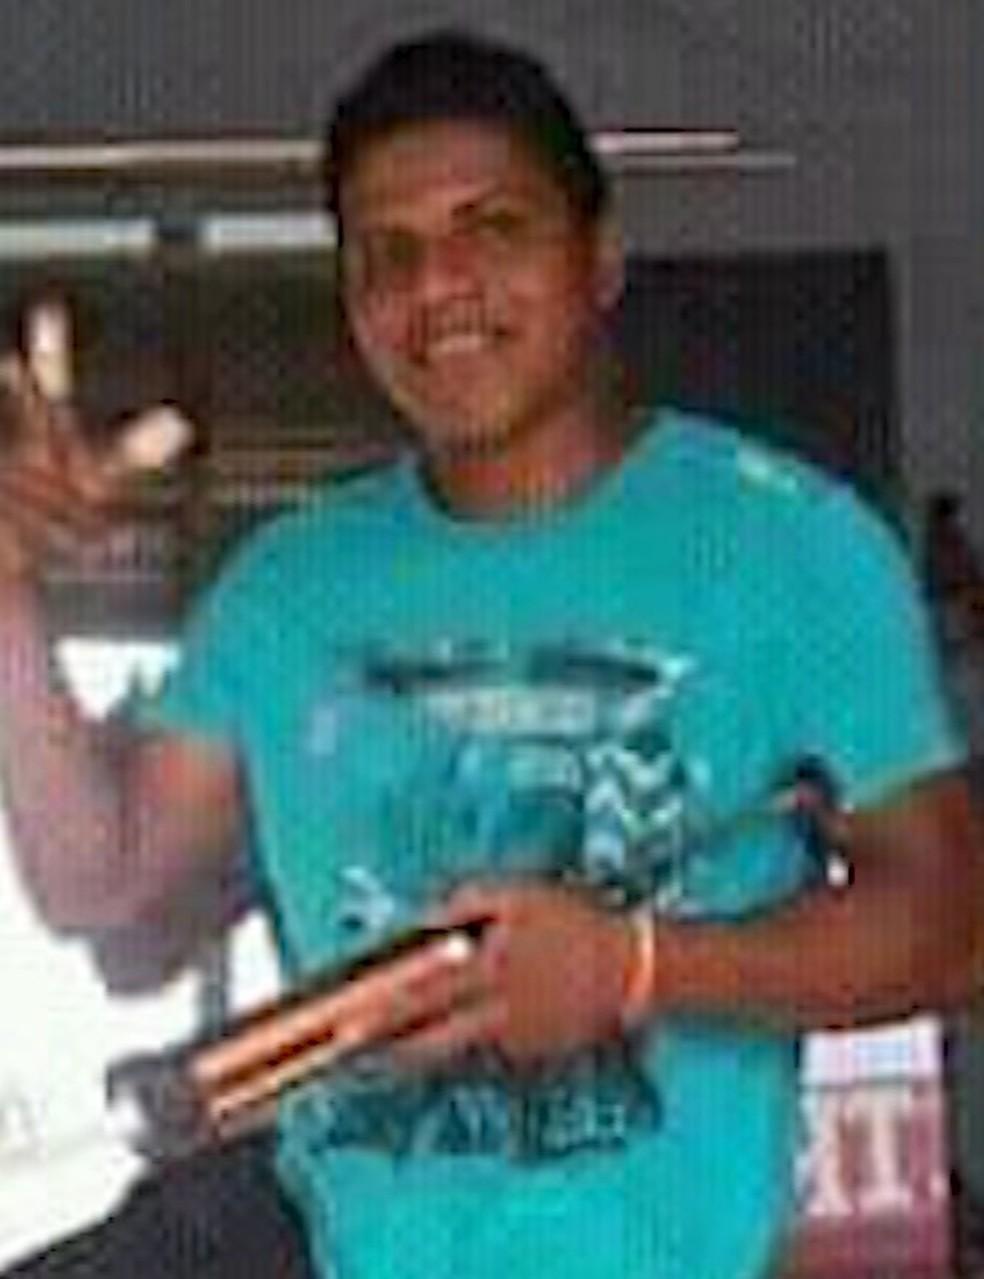 José Filho Balbino dos Santos, de 35 anos, morreu soterrado em obra de fazenda na zona rural de Bom Jardim. — Foto: Divulgação/Arquivo pessoal